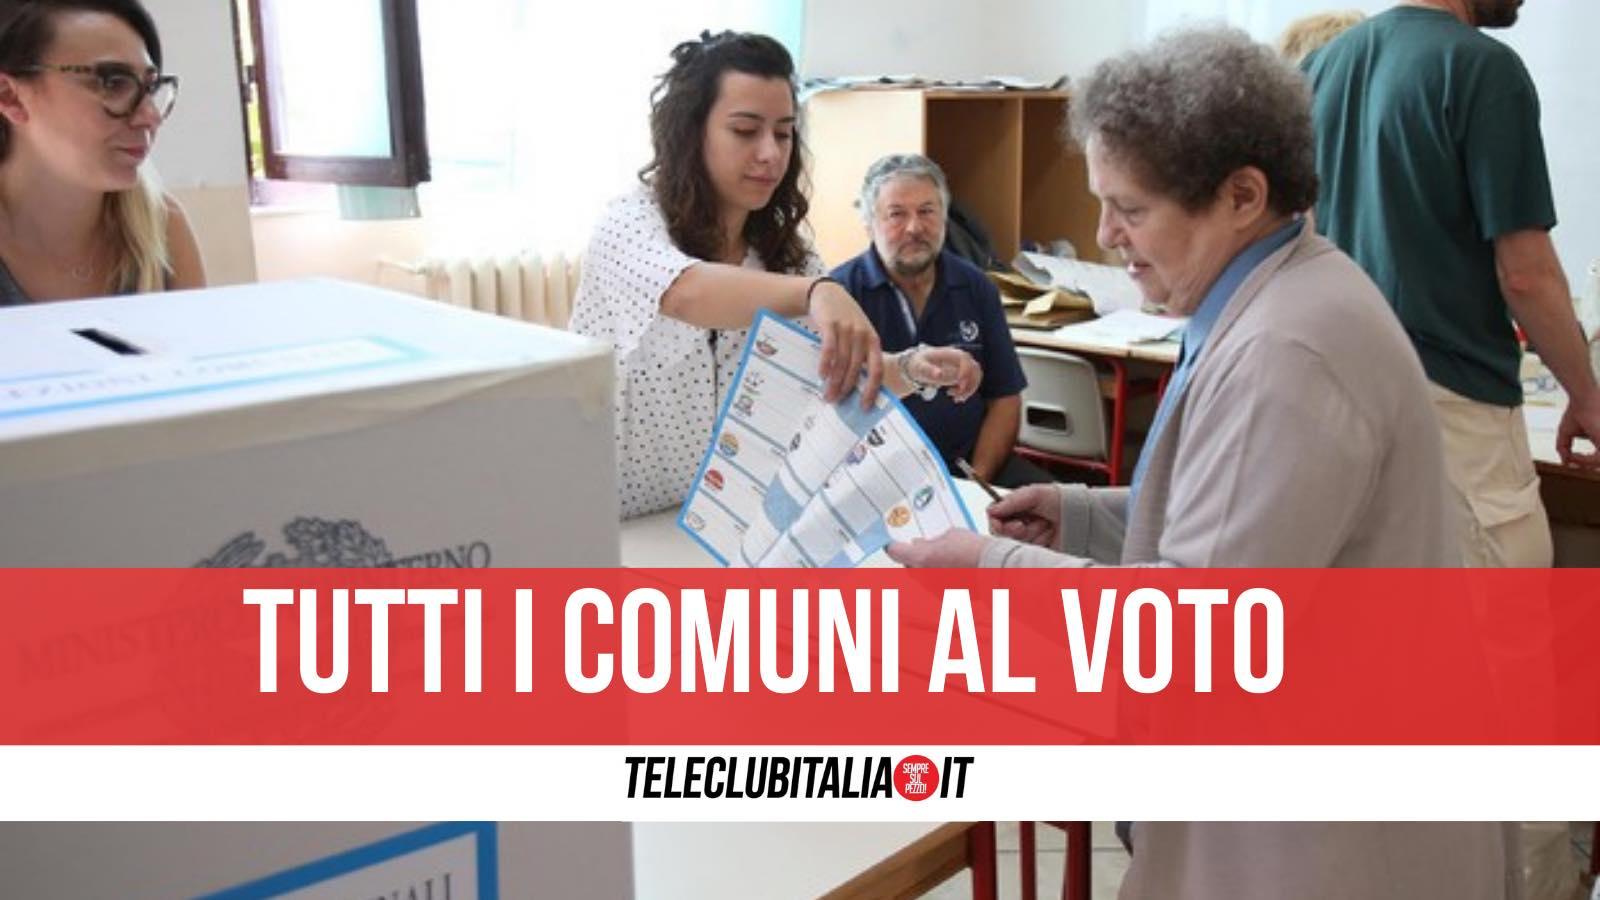 campania comuni al voto 3 4 ottobre